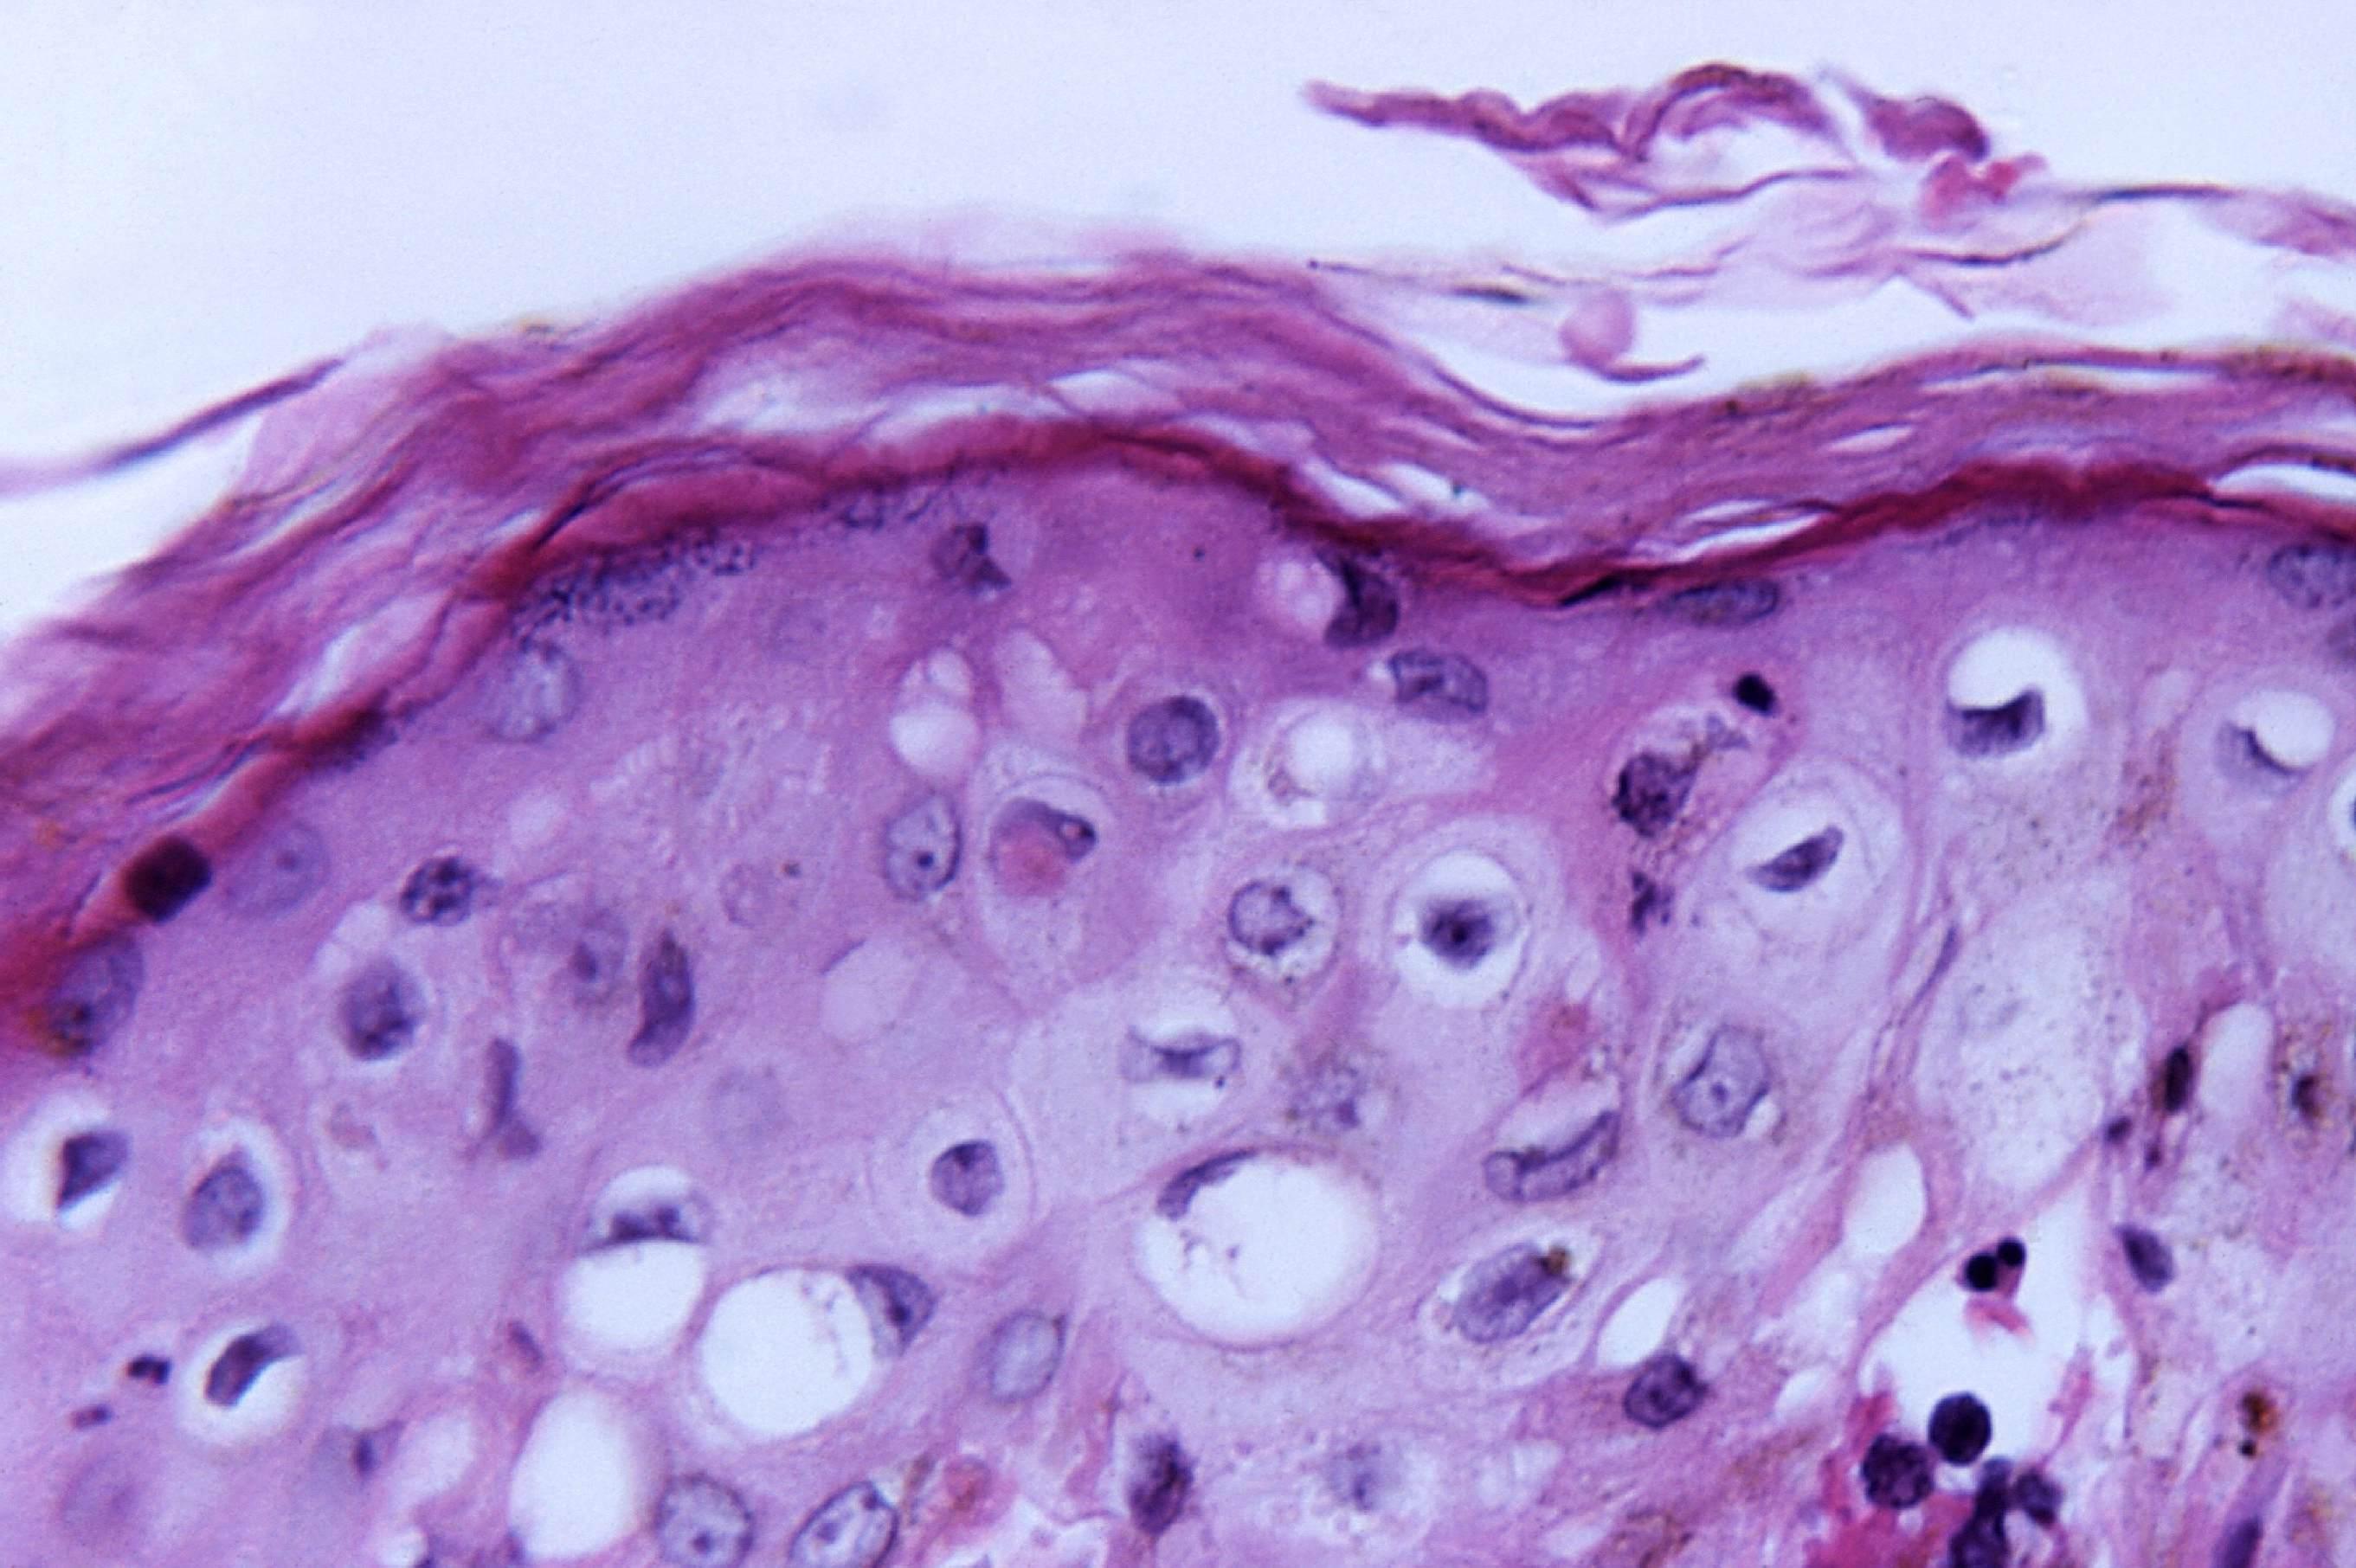 biofilms in the skin